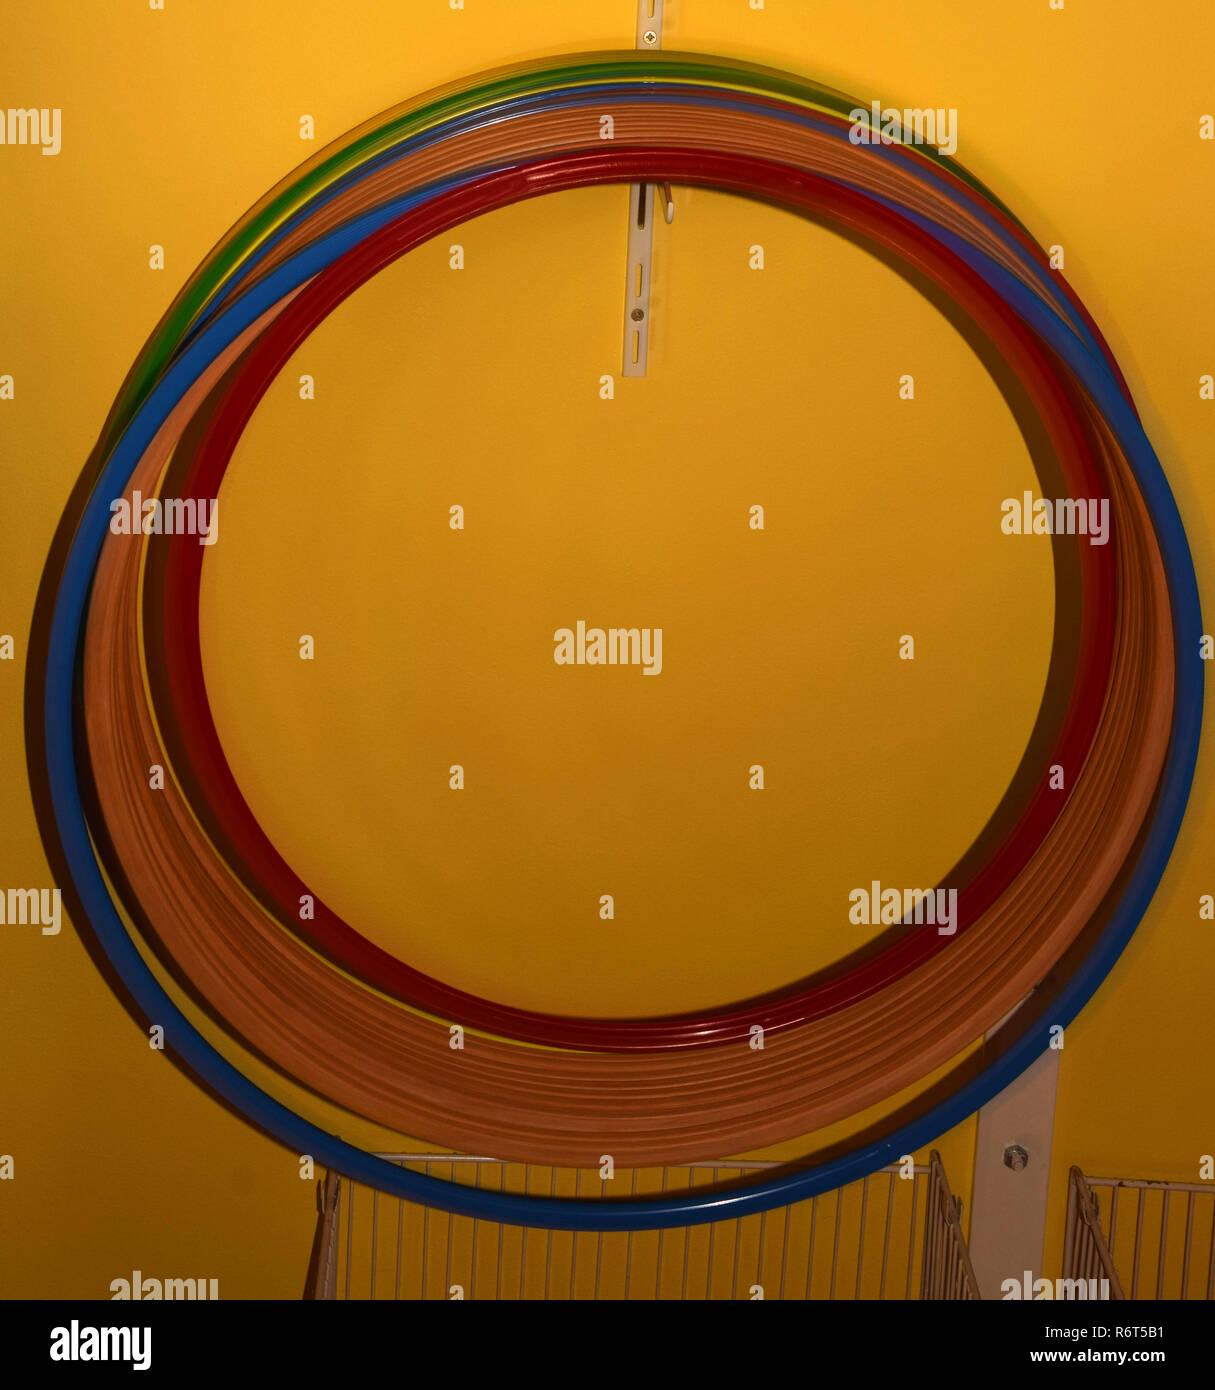 Hula Hoops ohne Menschen, Hula Hoops aus verschiedenen Materialien und Farben hängt an einem Haken vor gelbem Hintergrund Stockbild